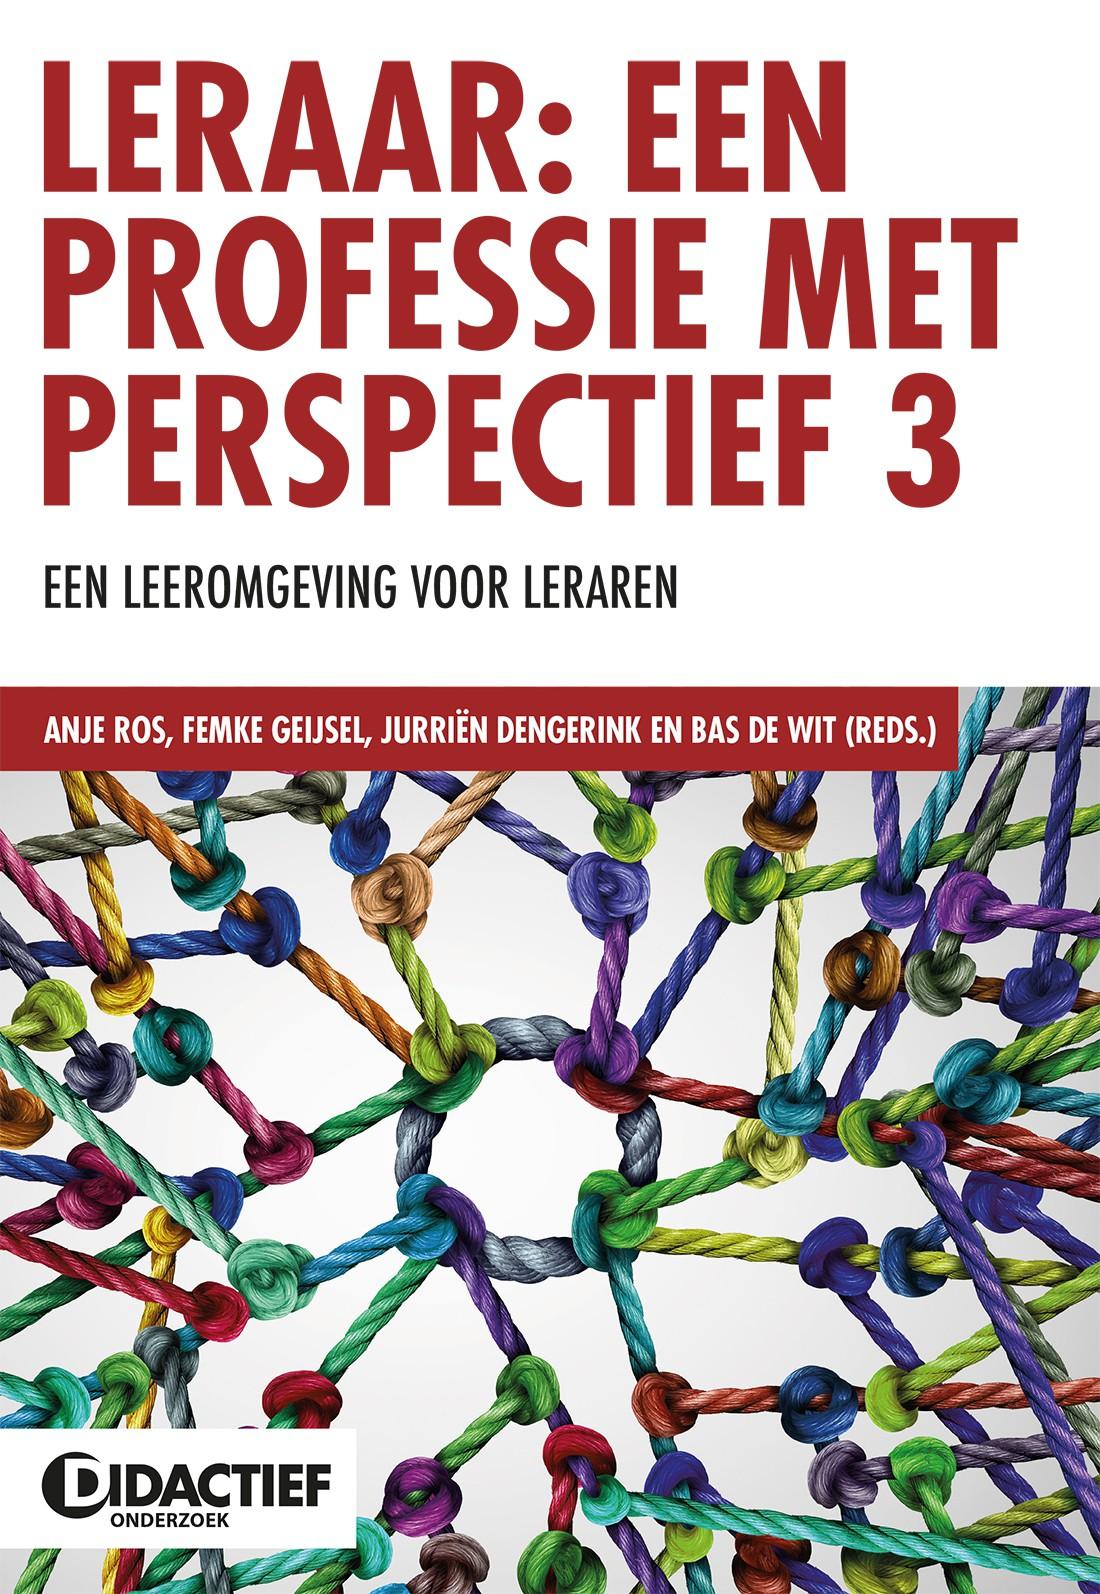 Leraar: een professie met perspectief 3